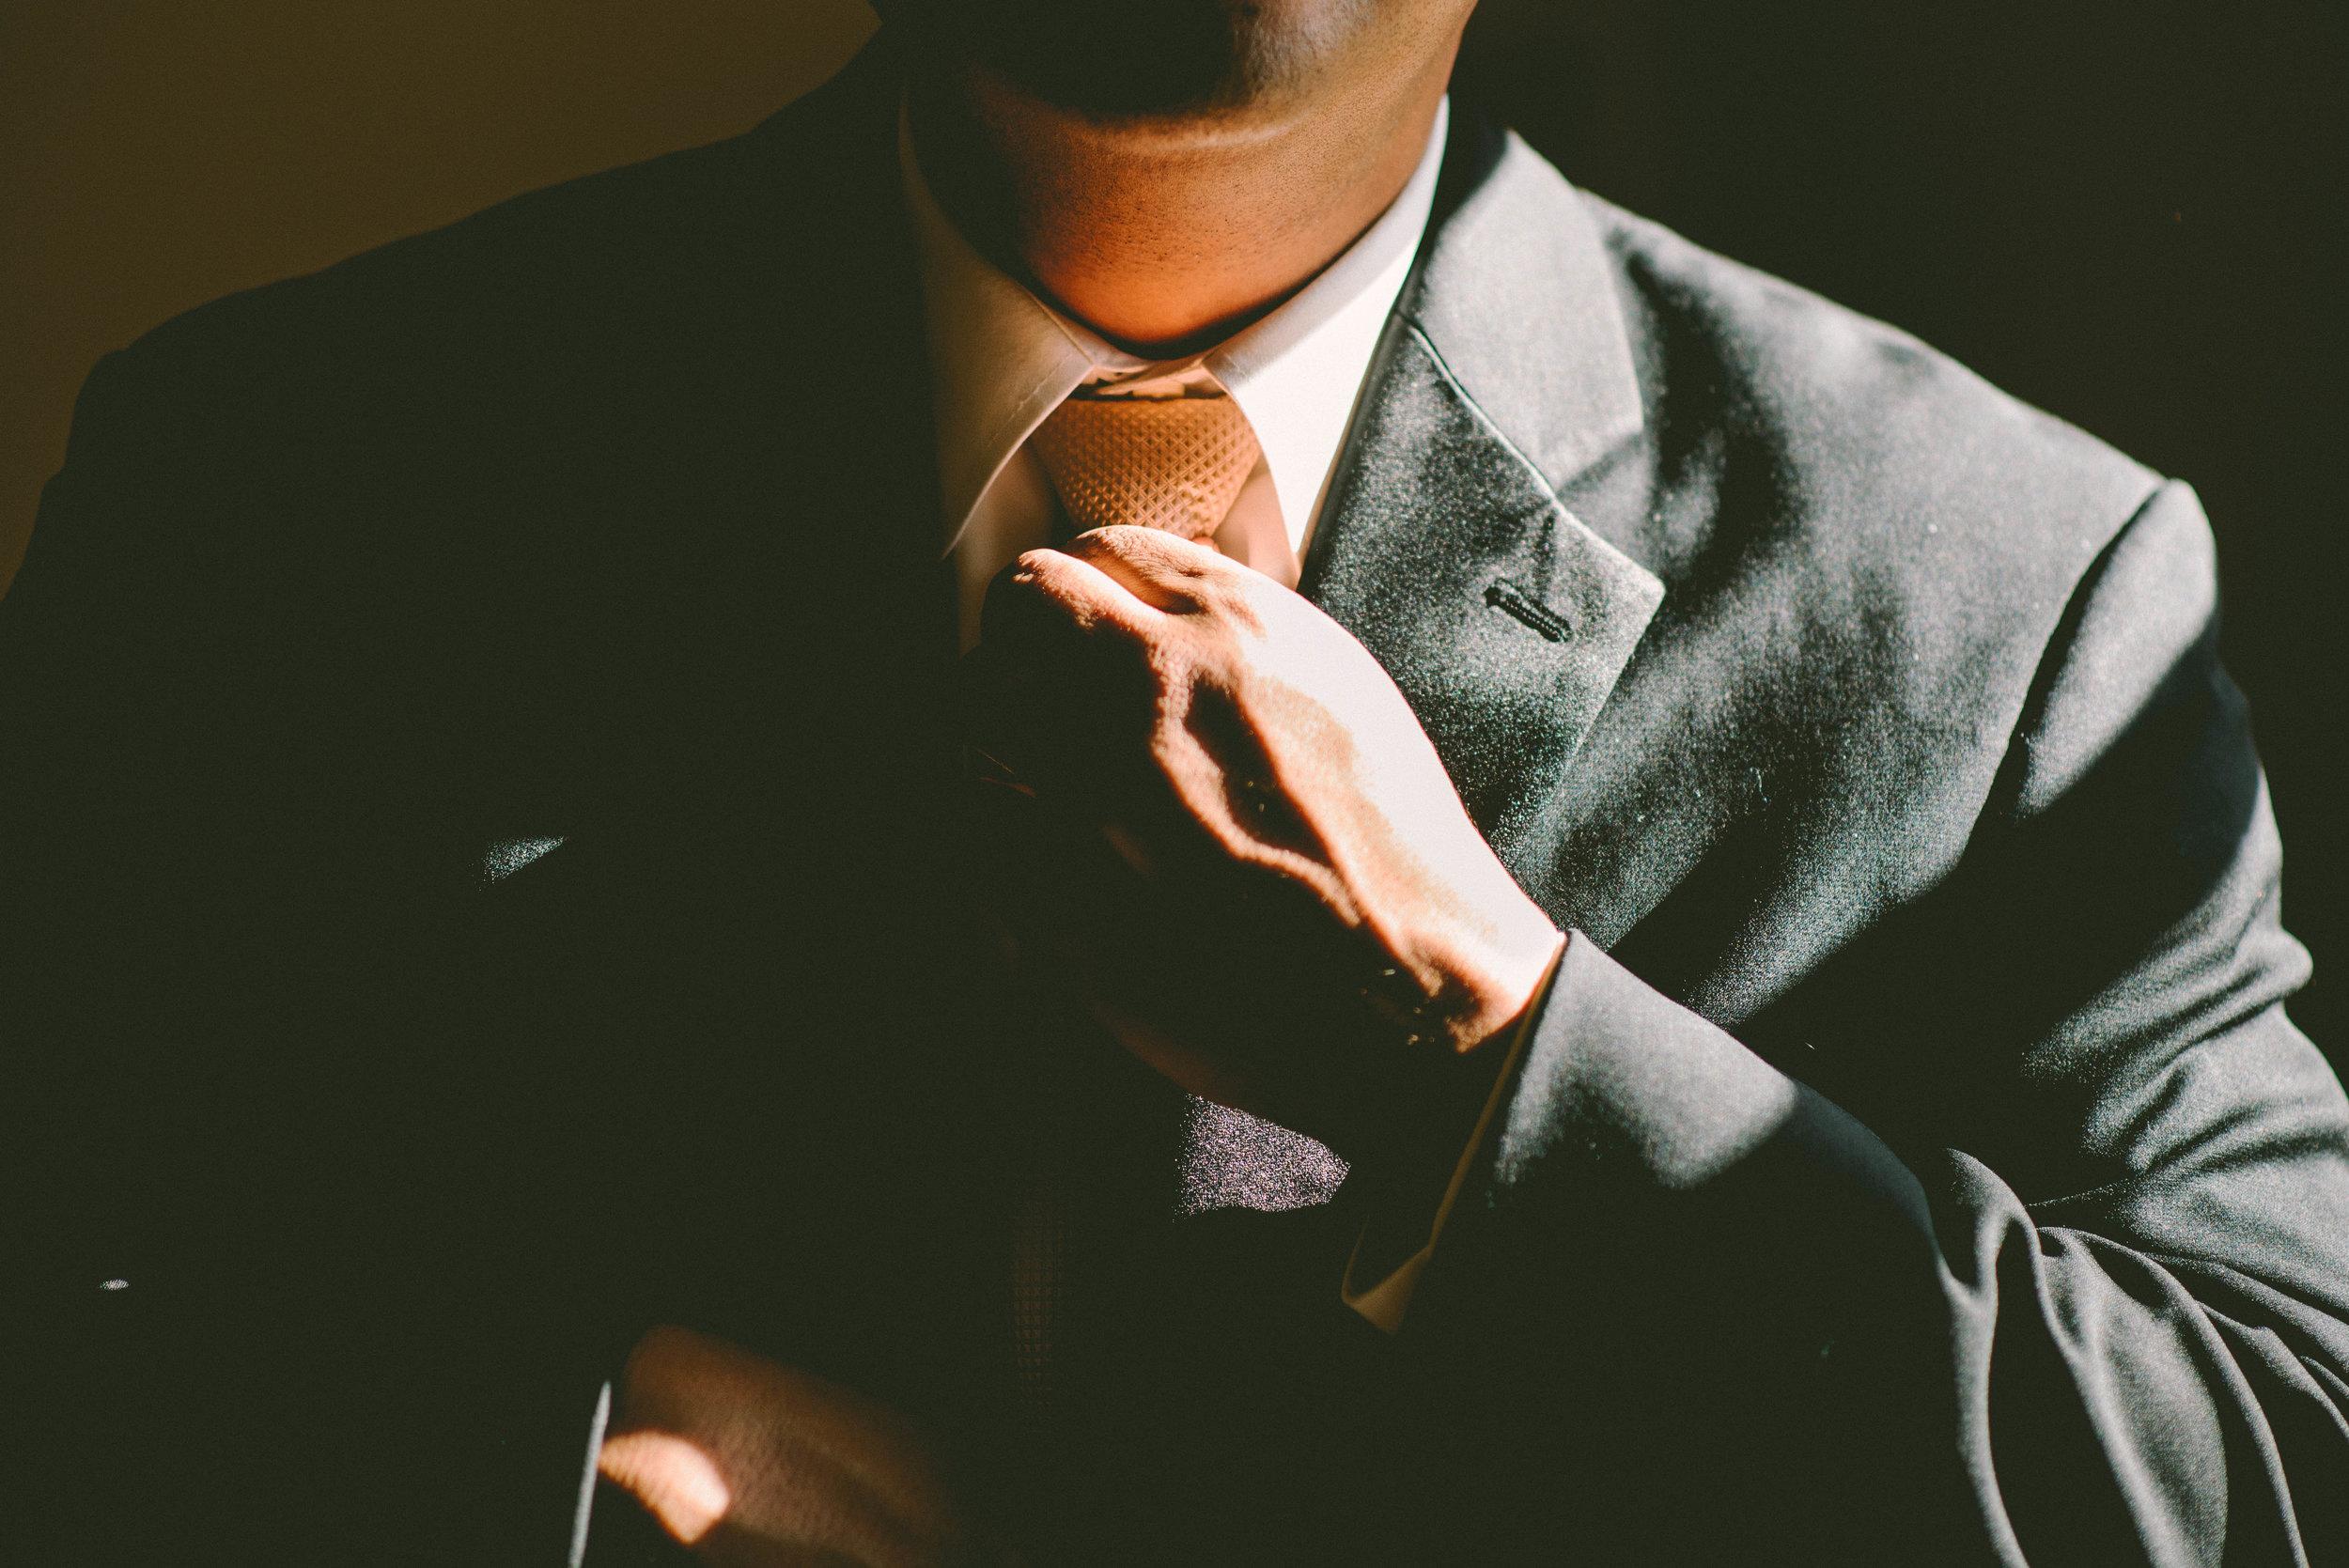 超一流のFPの方へ - ライフ・マネープランおよび資産運用でお悩みの方をサポートしませんか